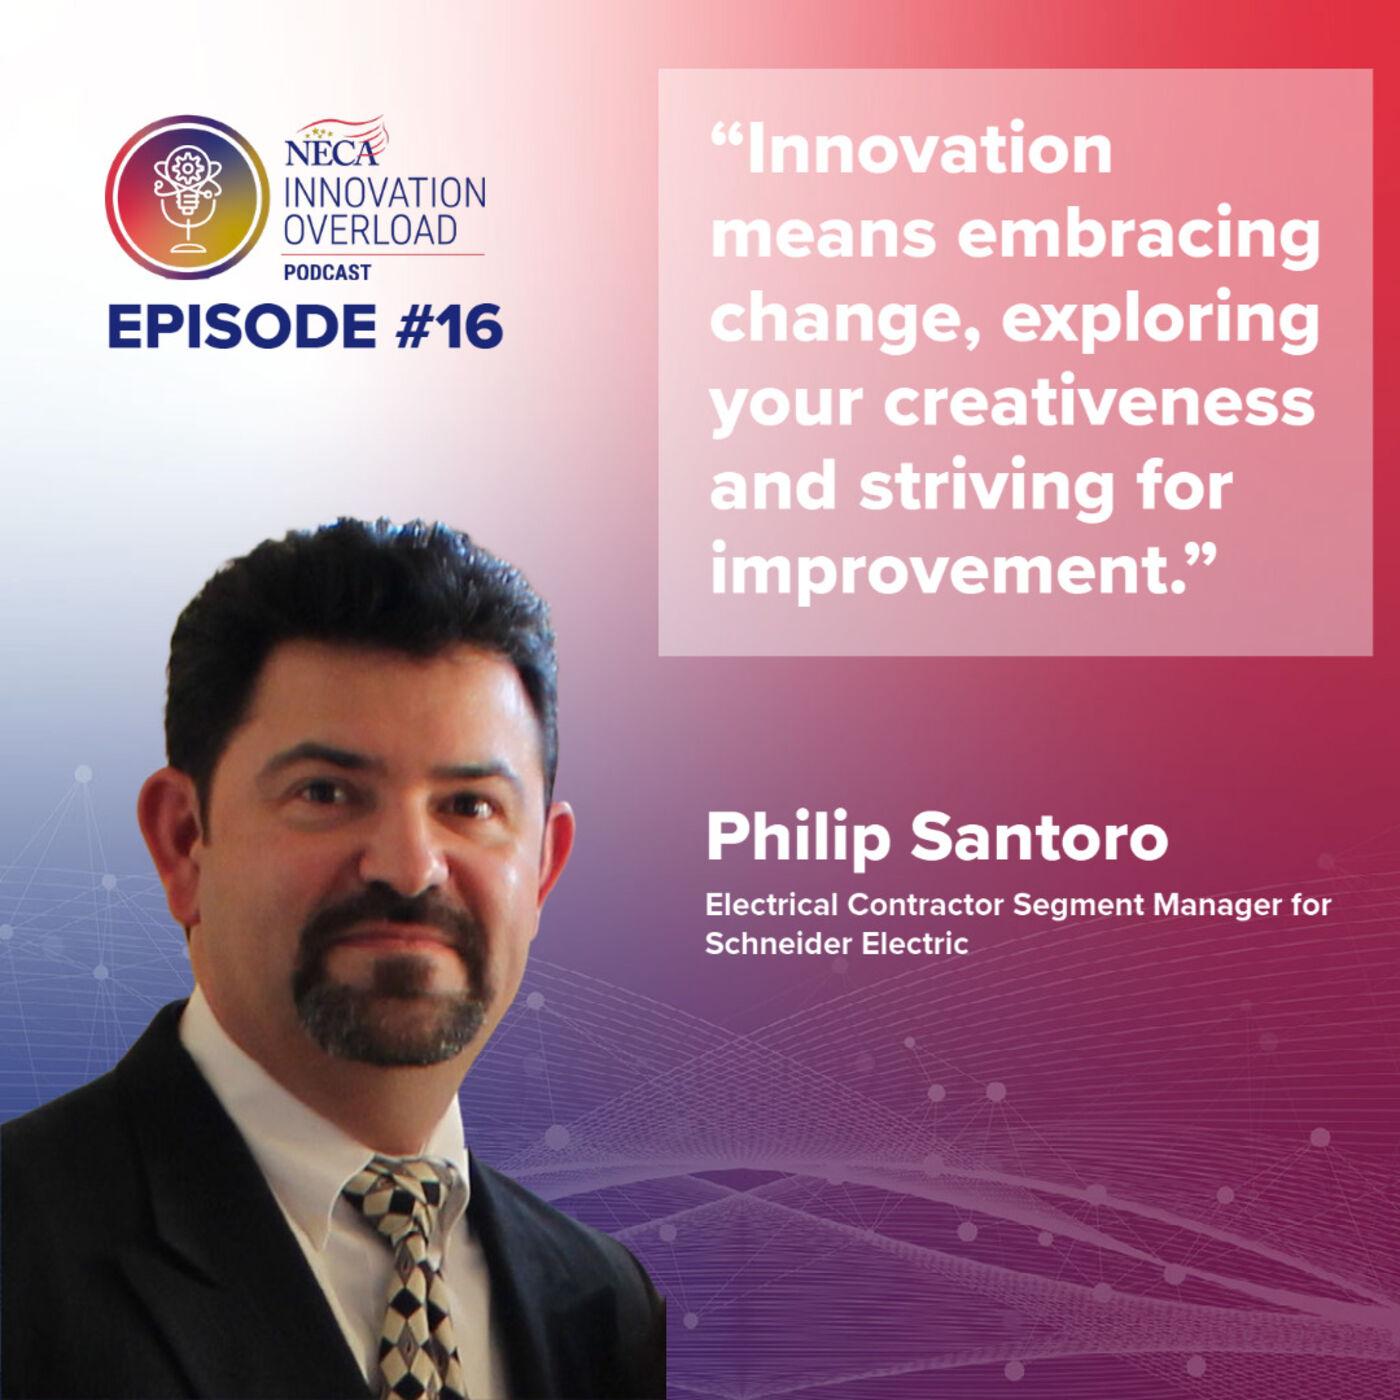 #16 - Philip Santoro